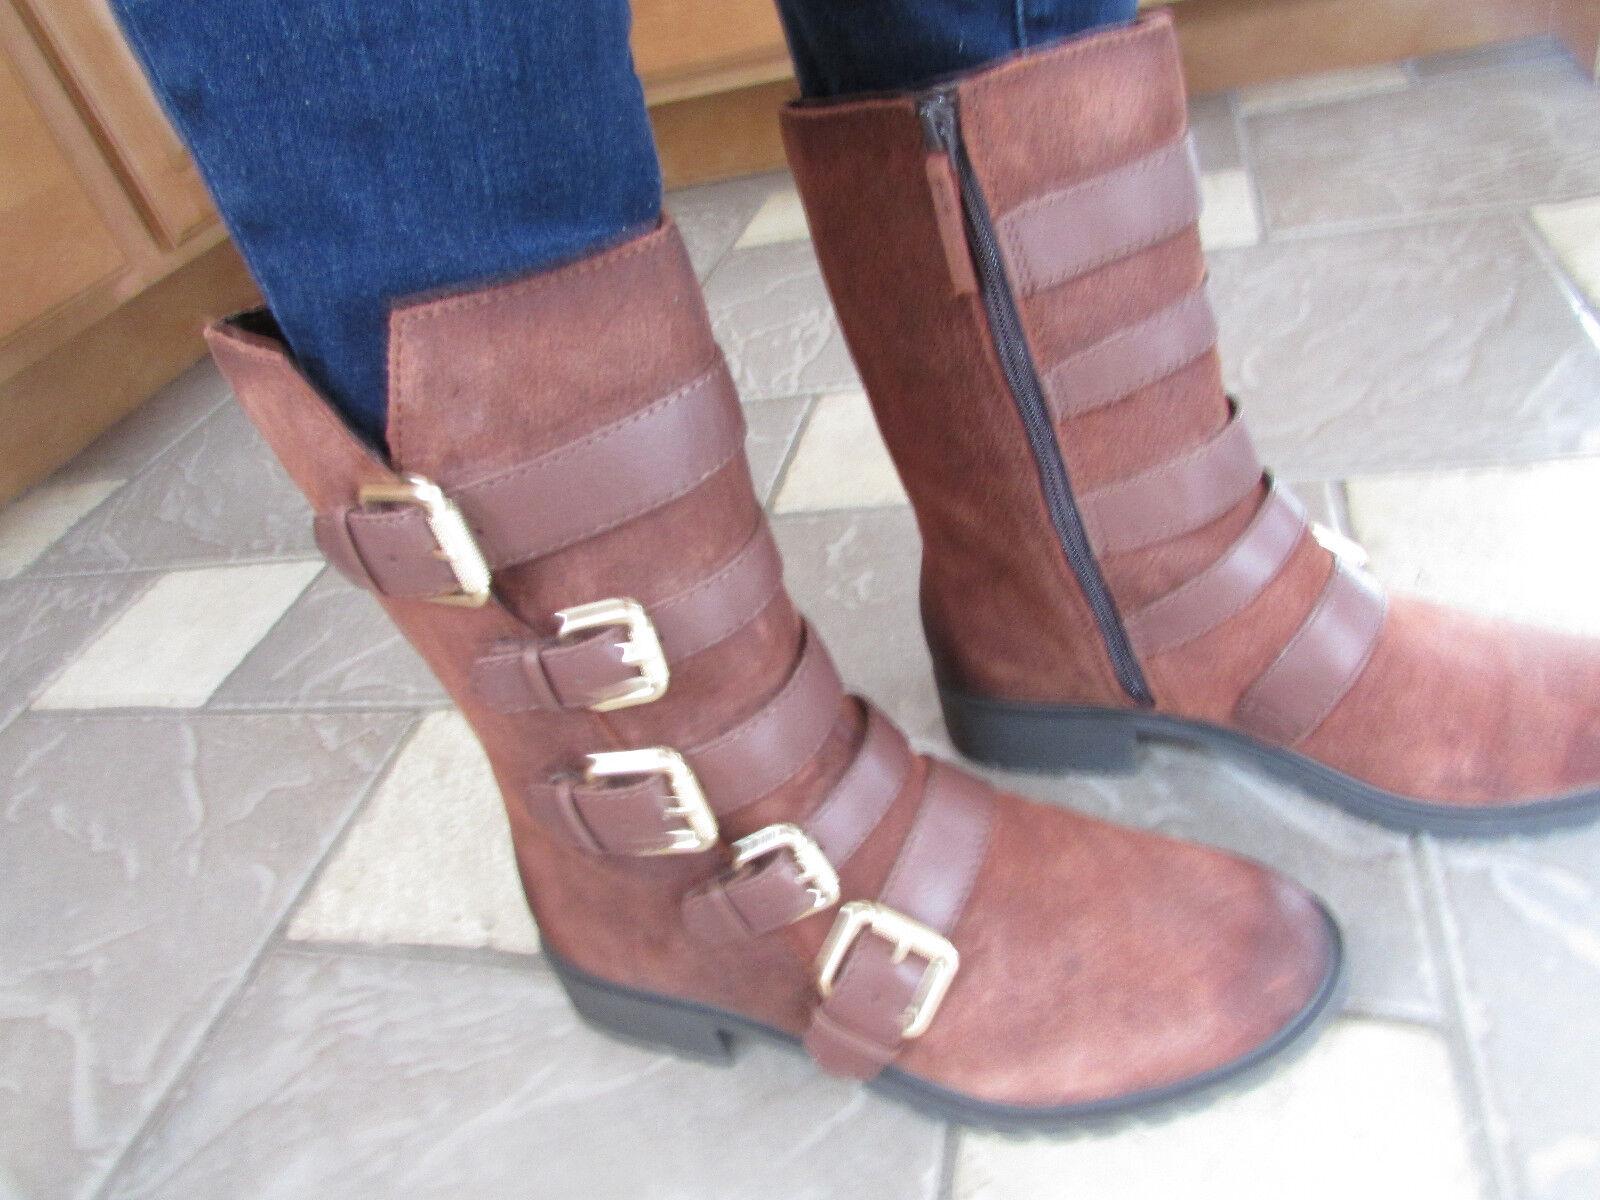 Felices compras Nuevo Naya darryn Cuero Mid Botines botas Para Mujer 8.5 8.5 8.5 marrón cognac C   Hebillas  envío rápido en todo el mundo